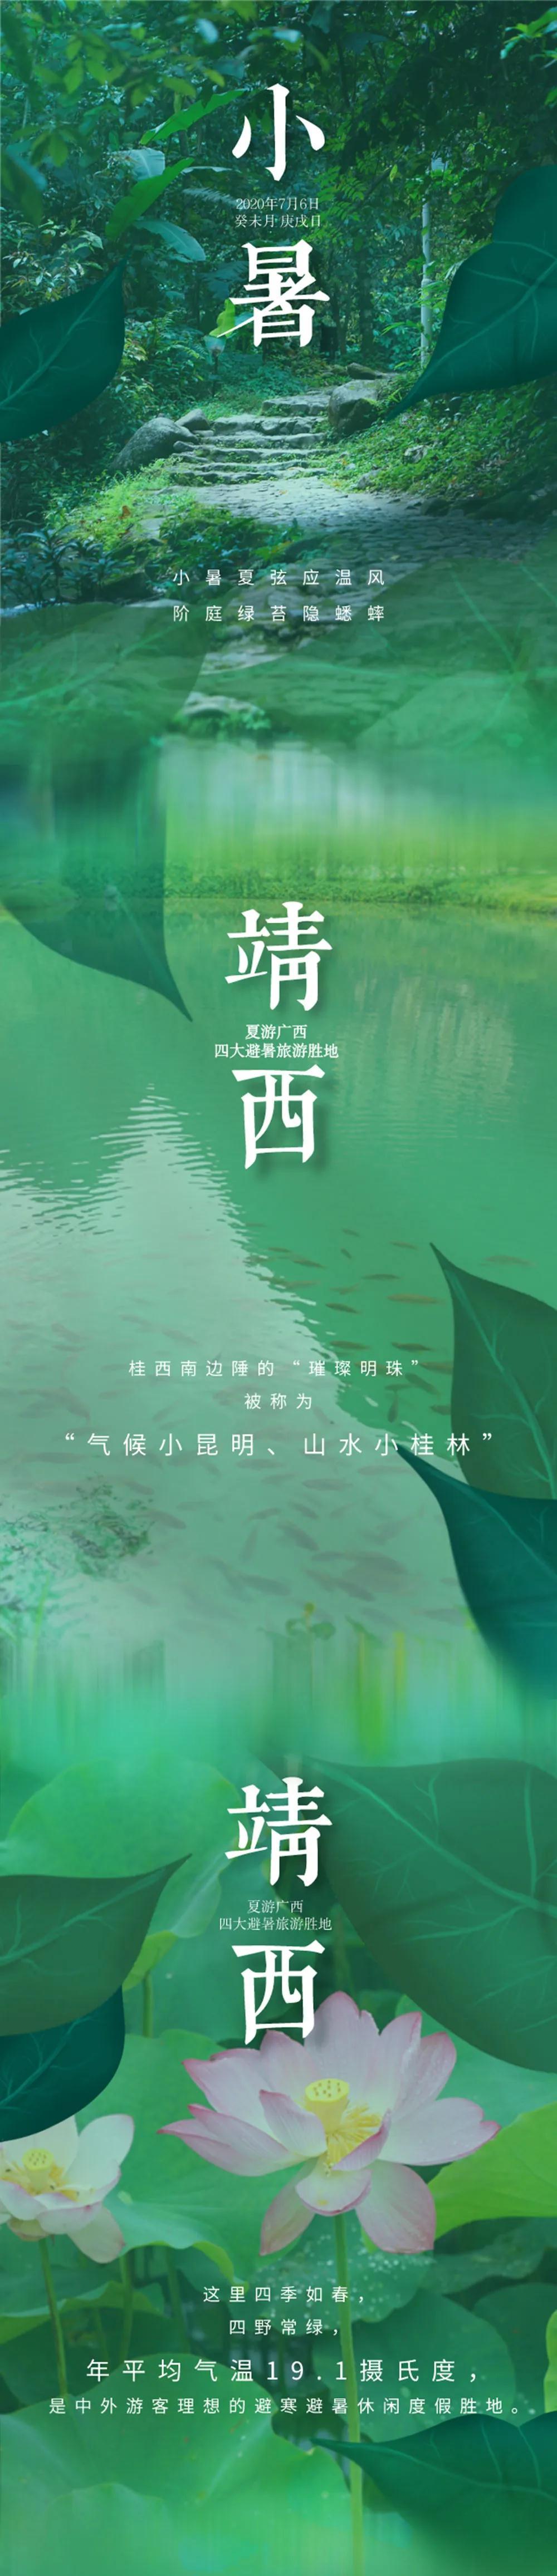 夏游广西·四大避暑旅游胜地——